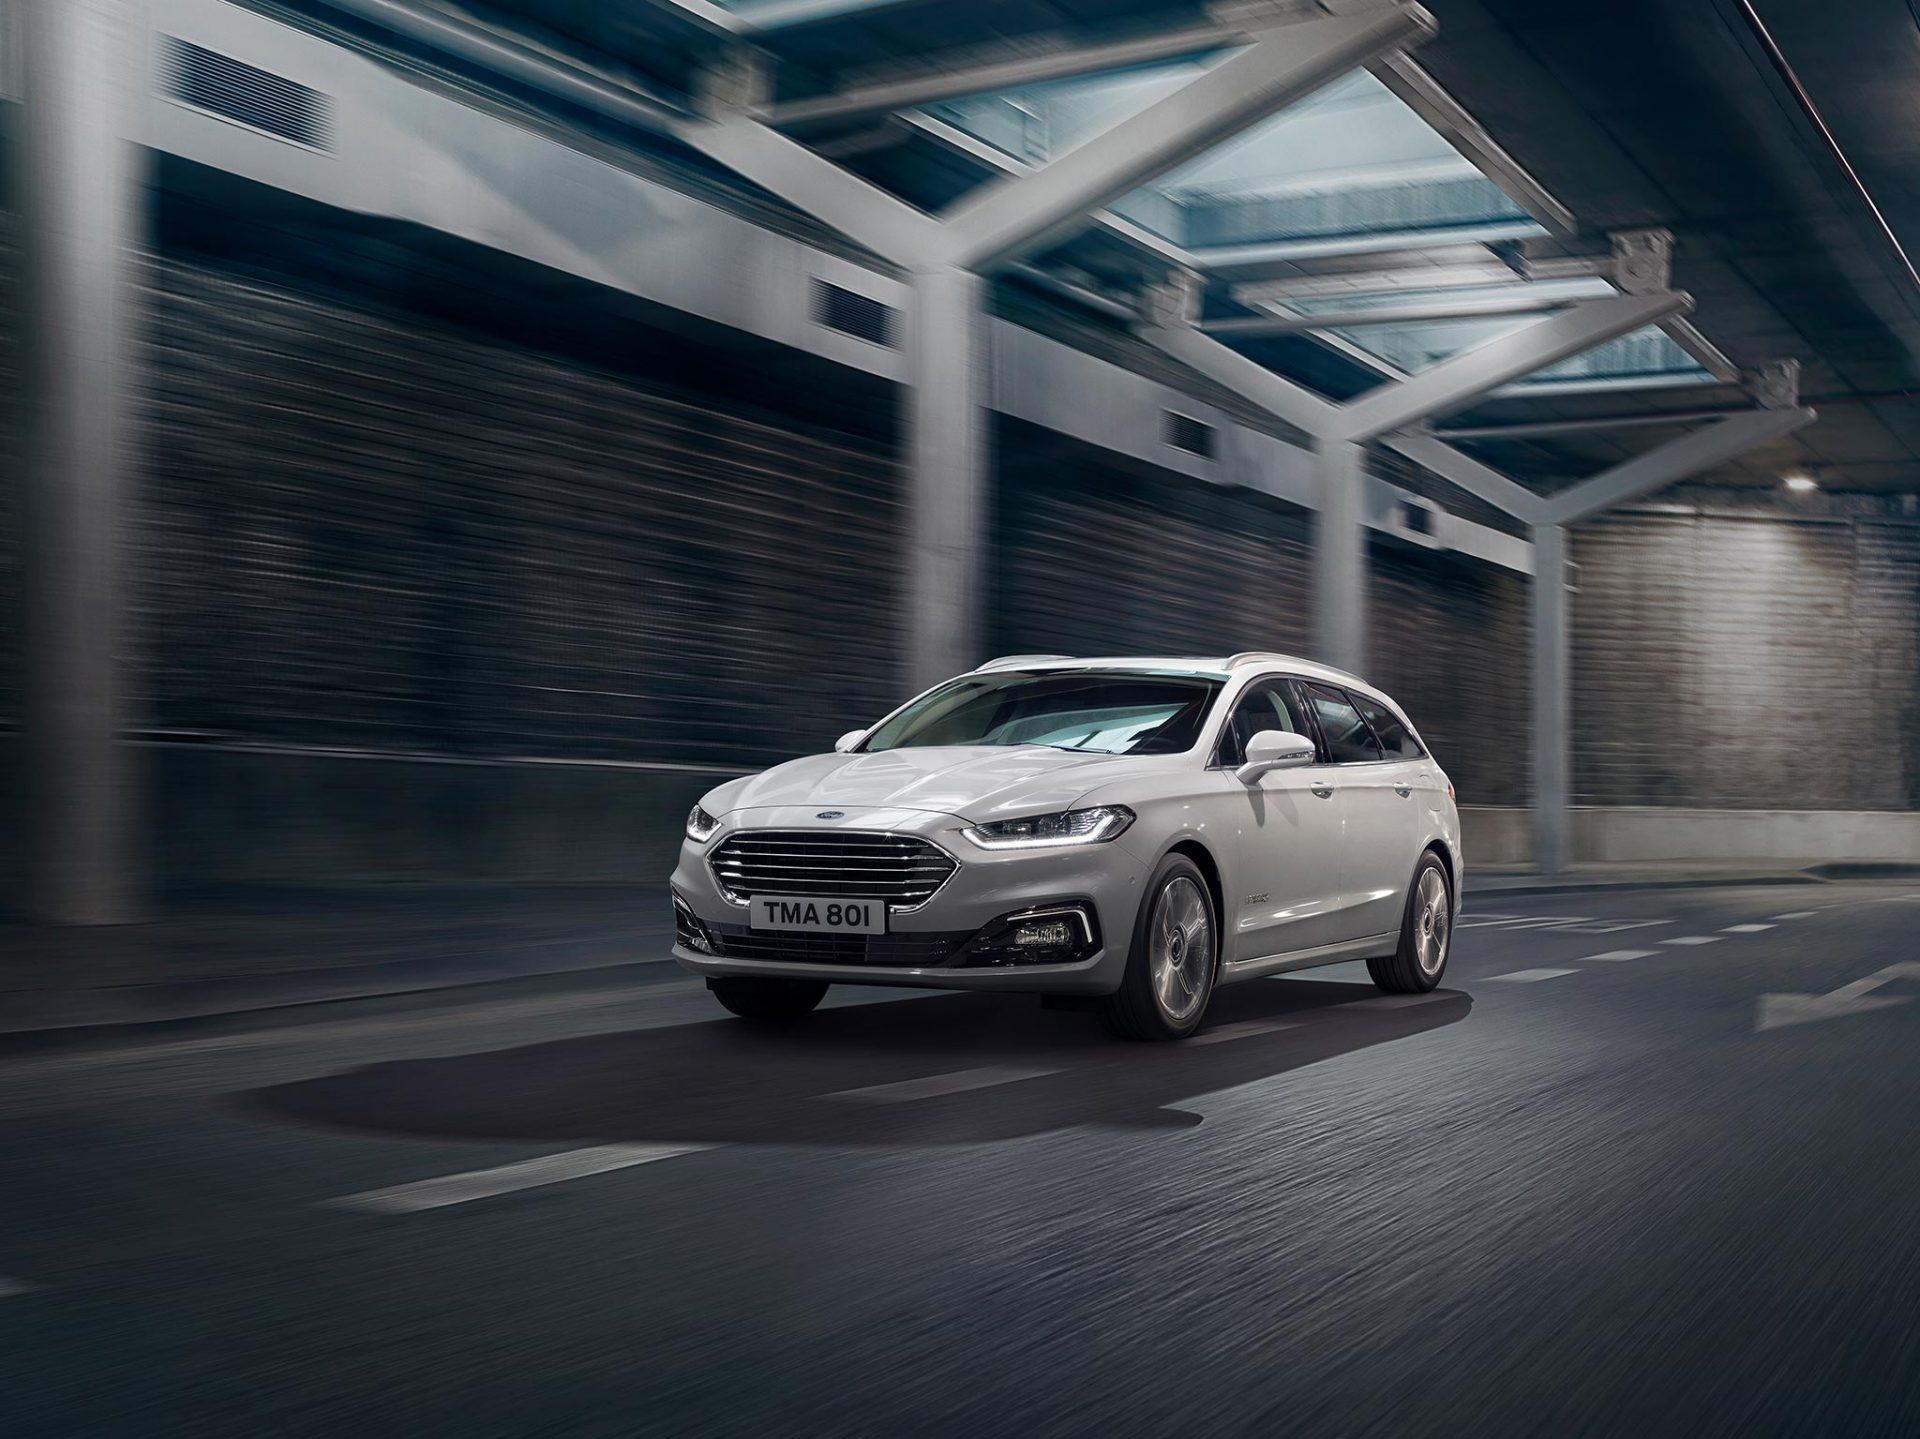 Ford Mondeo Hybrid leveres med automatgir og manuelt gir